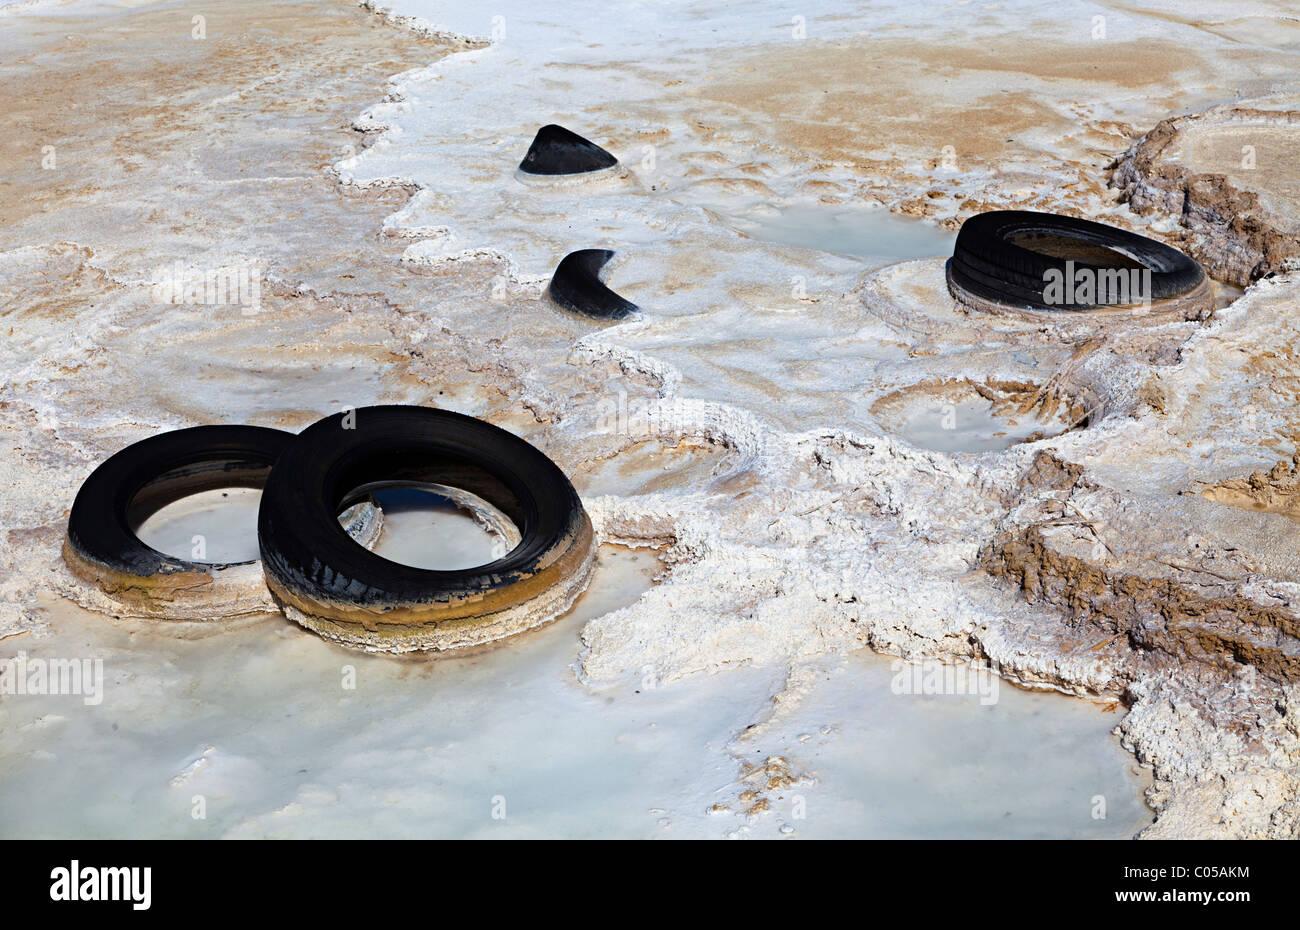 Neumáticos de coches de dumping establecido en toba la contaminación del agua del arroyo abajo Springs Imagen De Stock